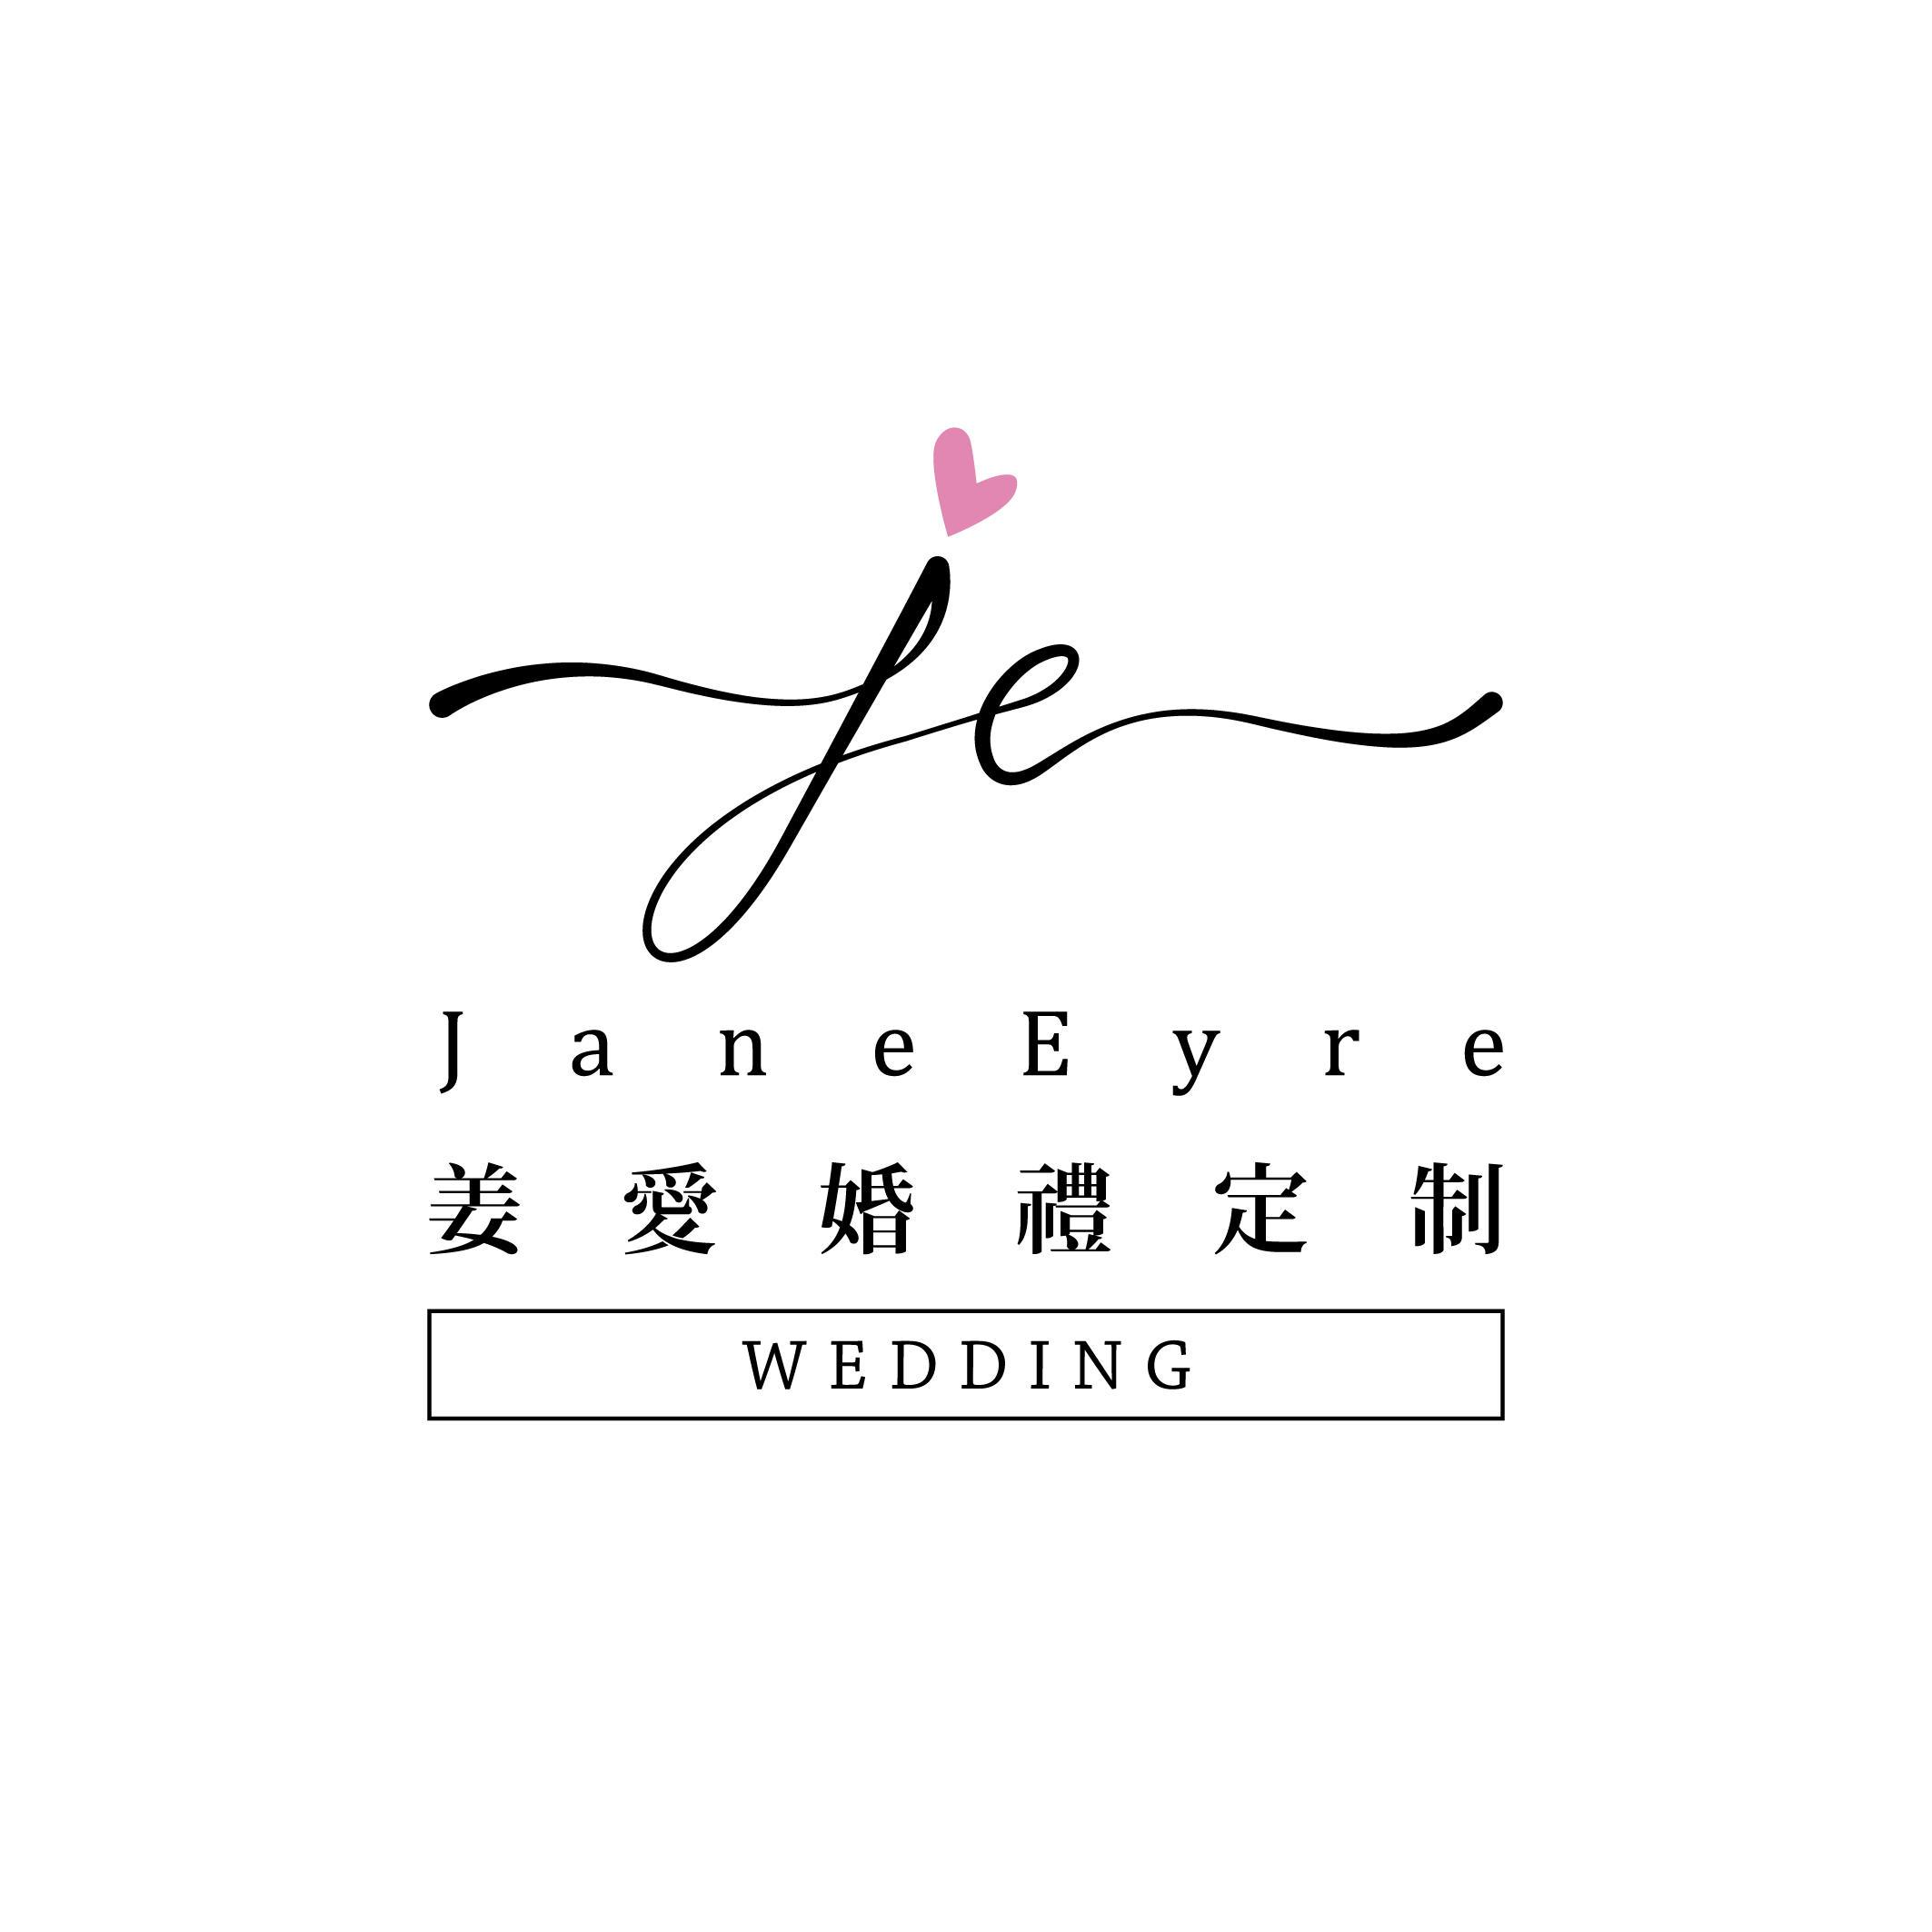 沈阳姜爱婚礼定制